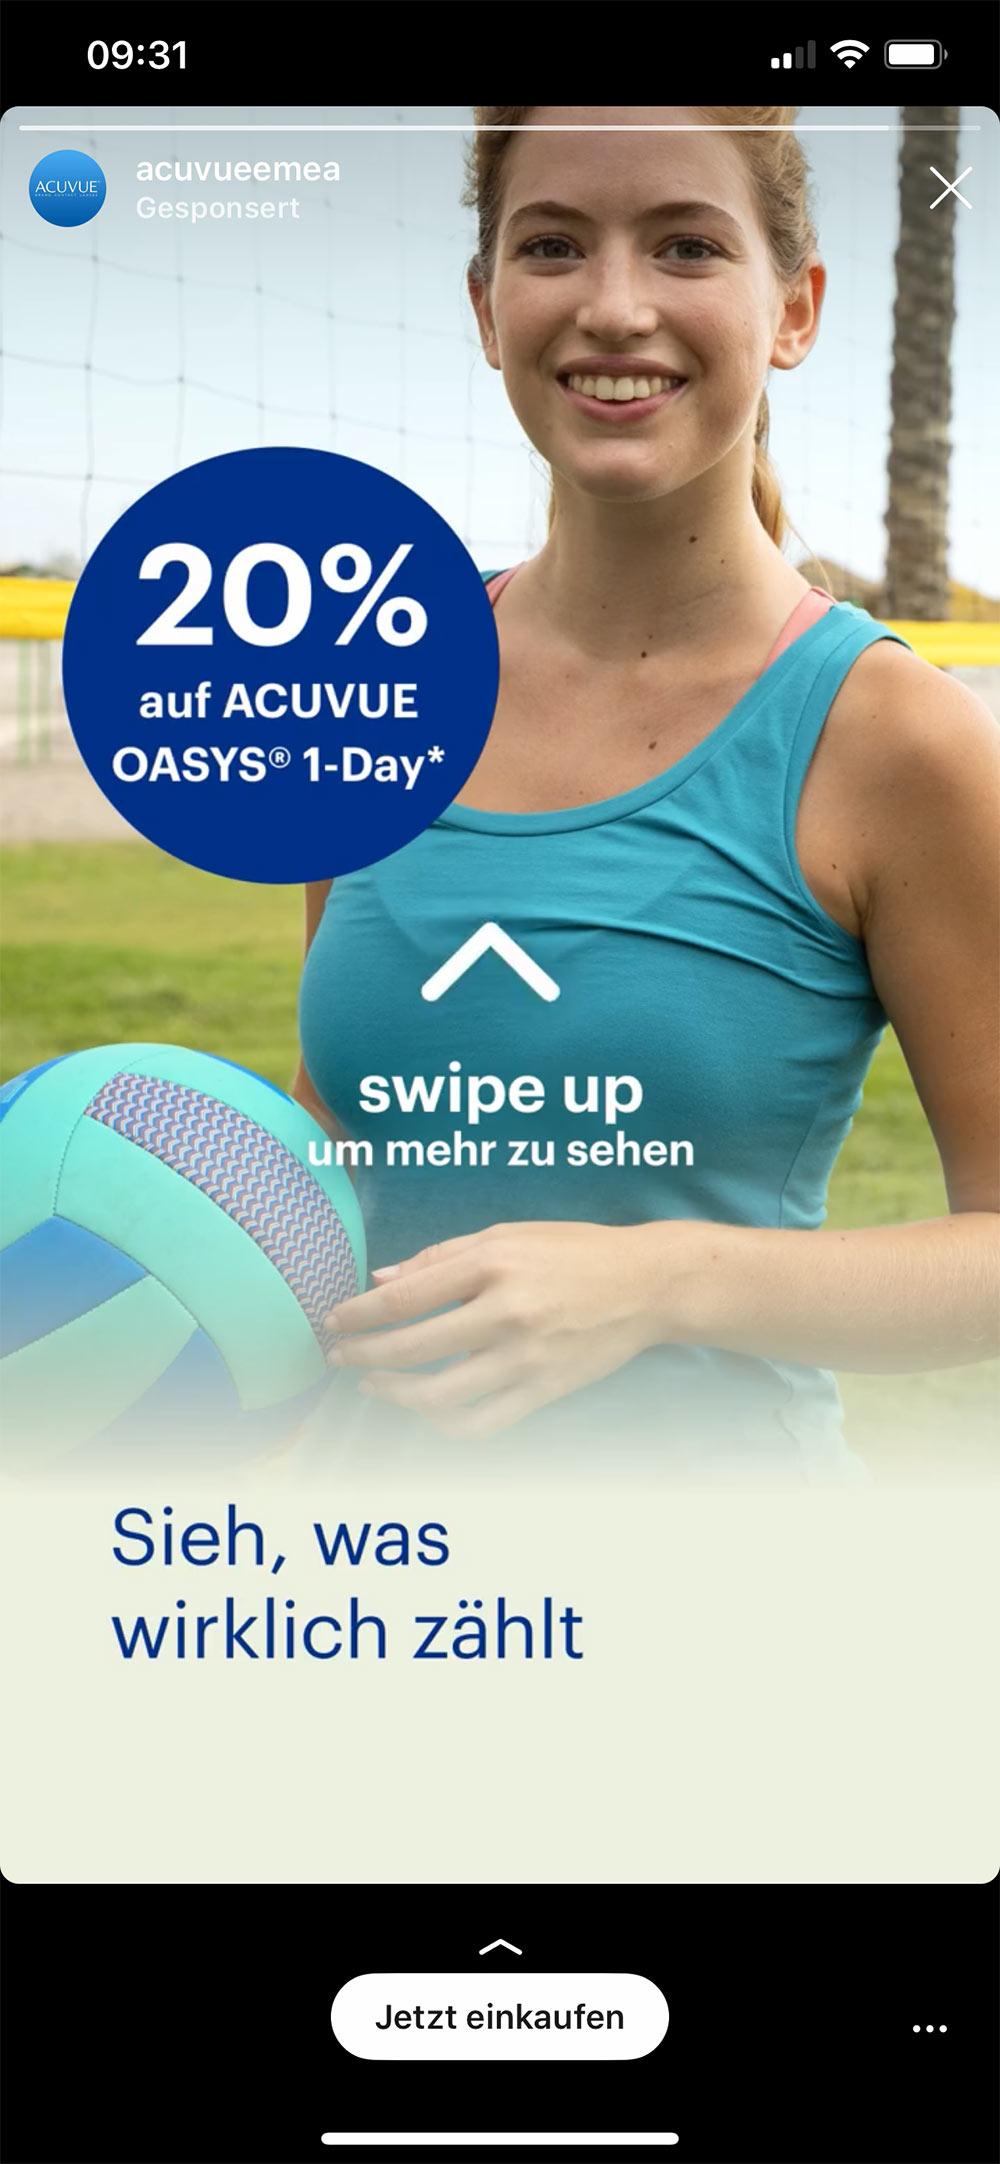 instagram ads acuvueemea - Werbung die wirken müssen aufregen